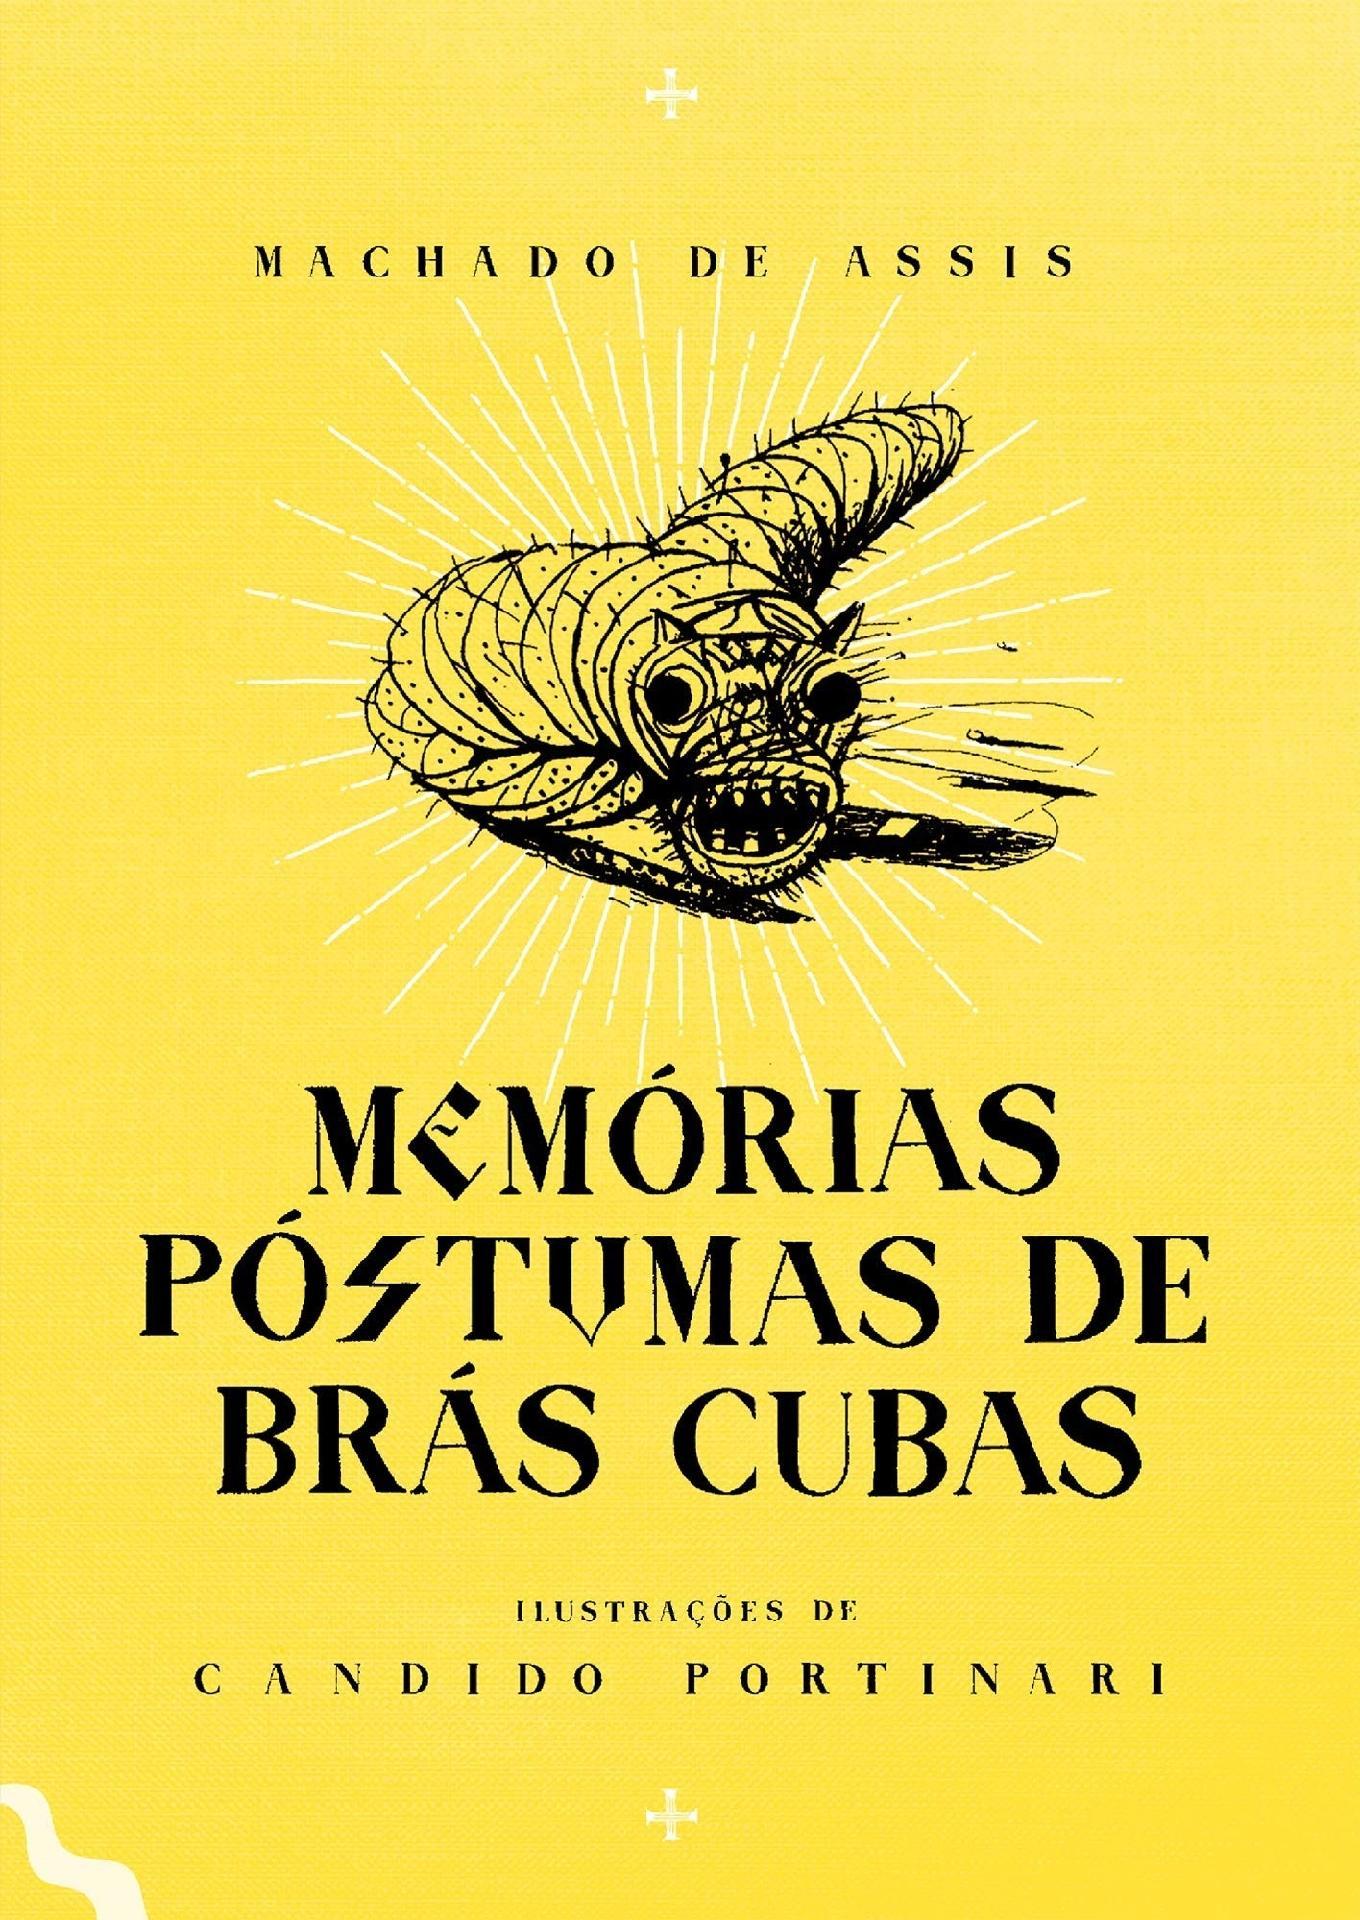 memorias-postumas-de-bras-cubas-1565203449585_v2_1360x1920